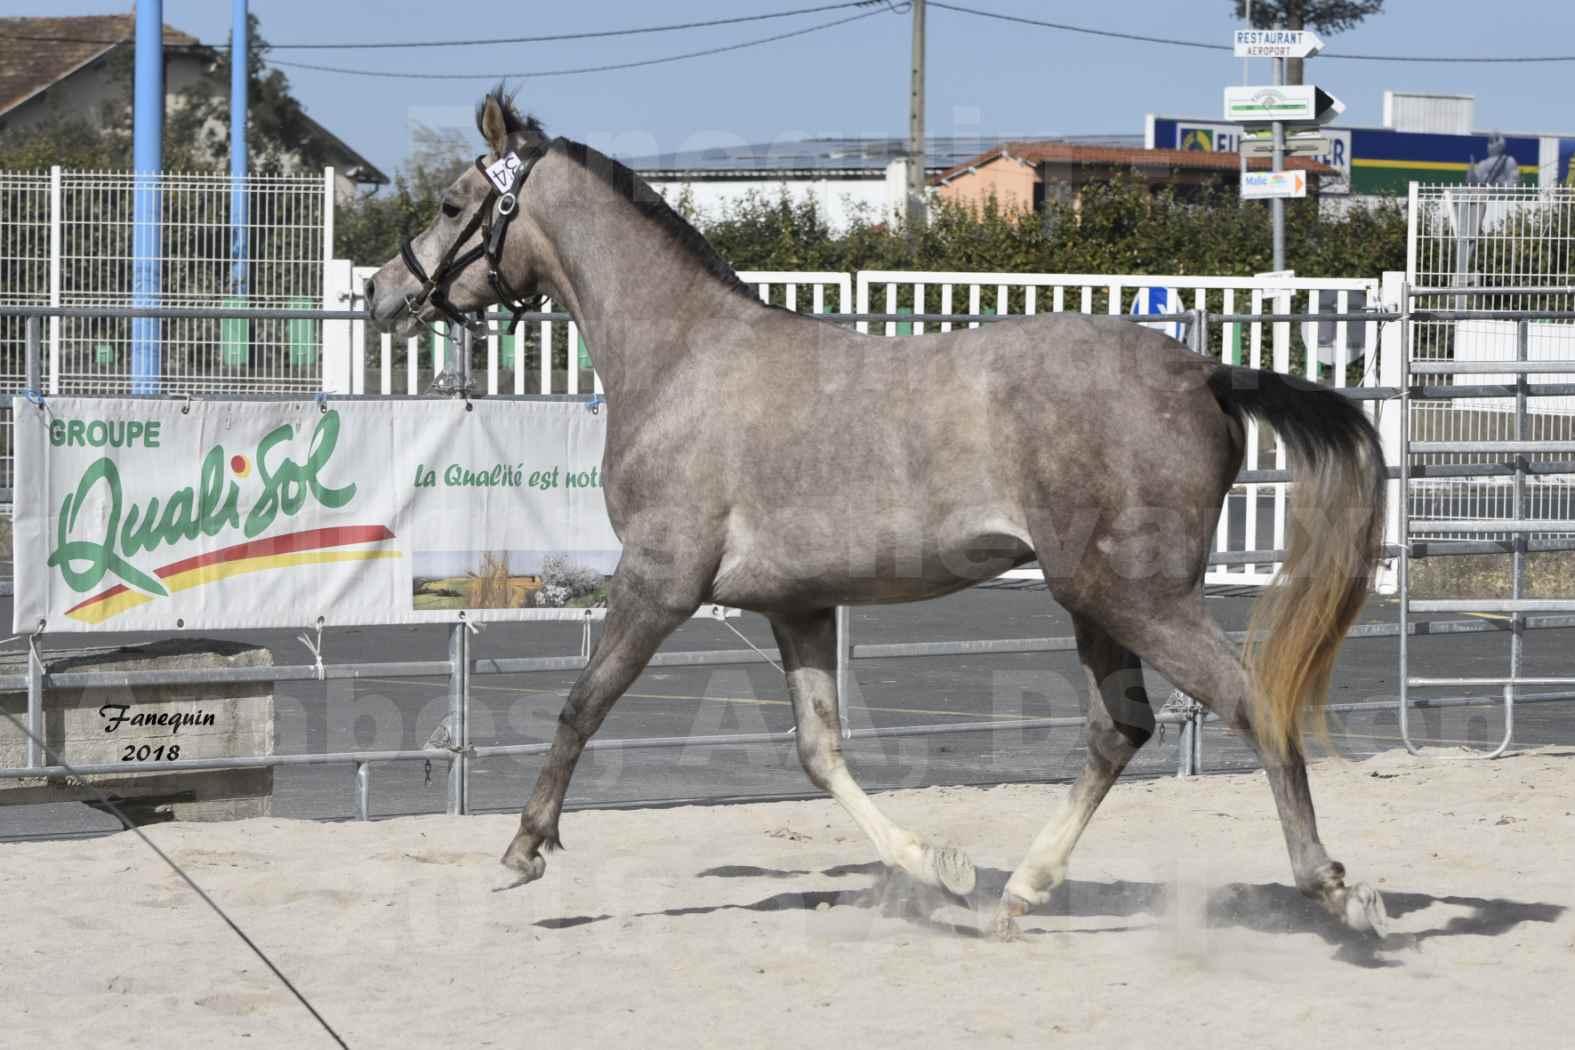 Concours d'élevage de Chevaux Arabes - D. S. A. - A. A. - ALBI les 6 & 7 Avril 2018 - GRIMM DE DARRA - Notre Sélection - 9